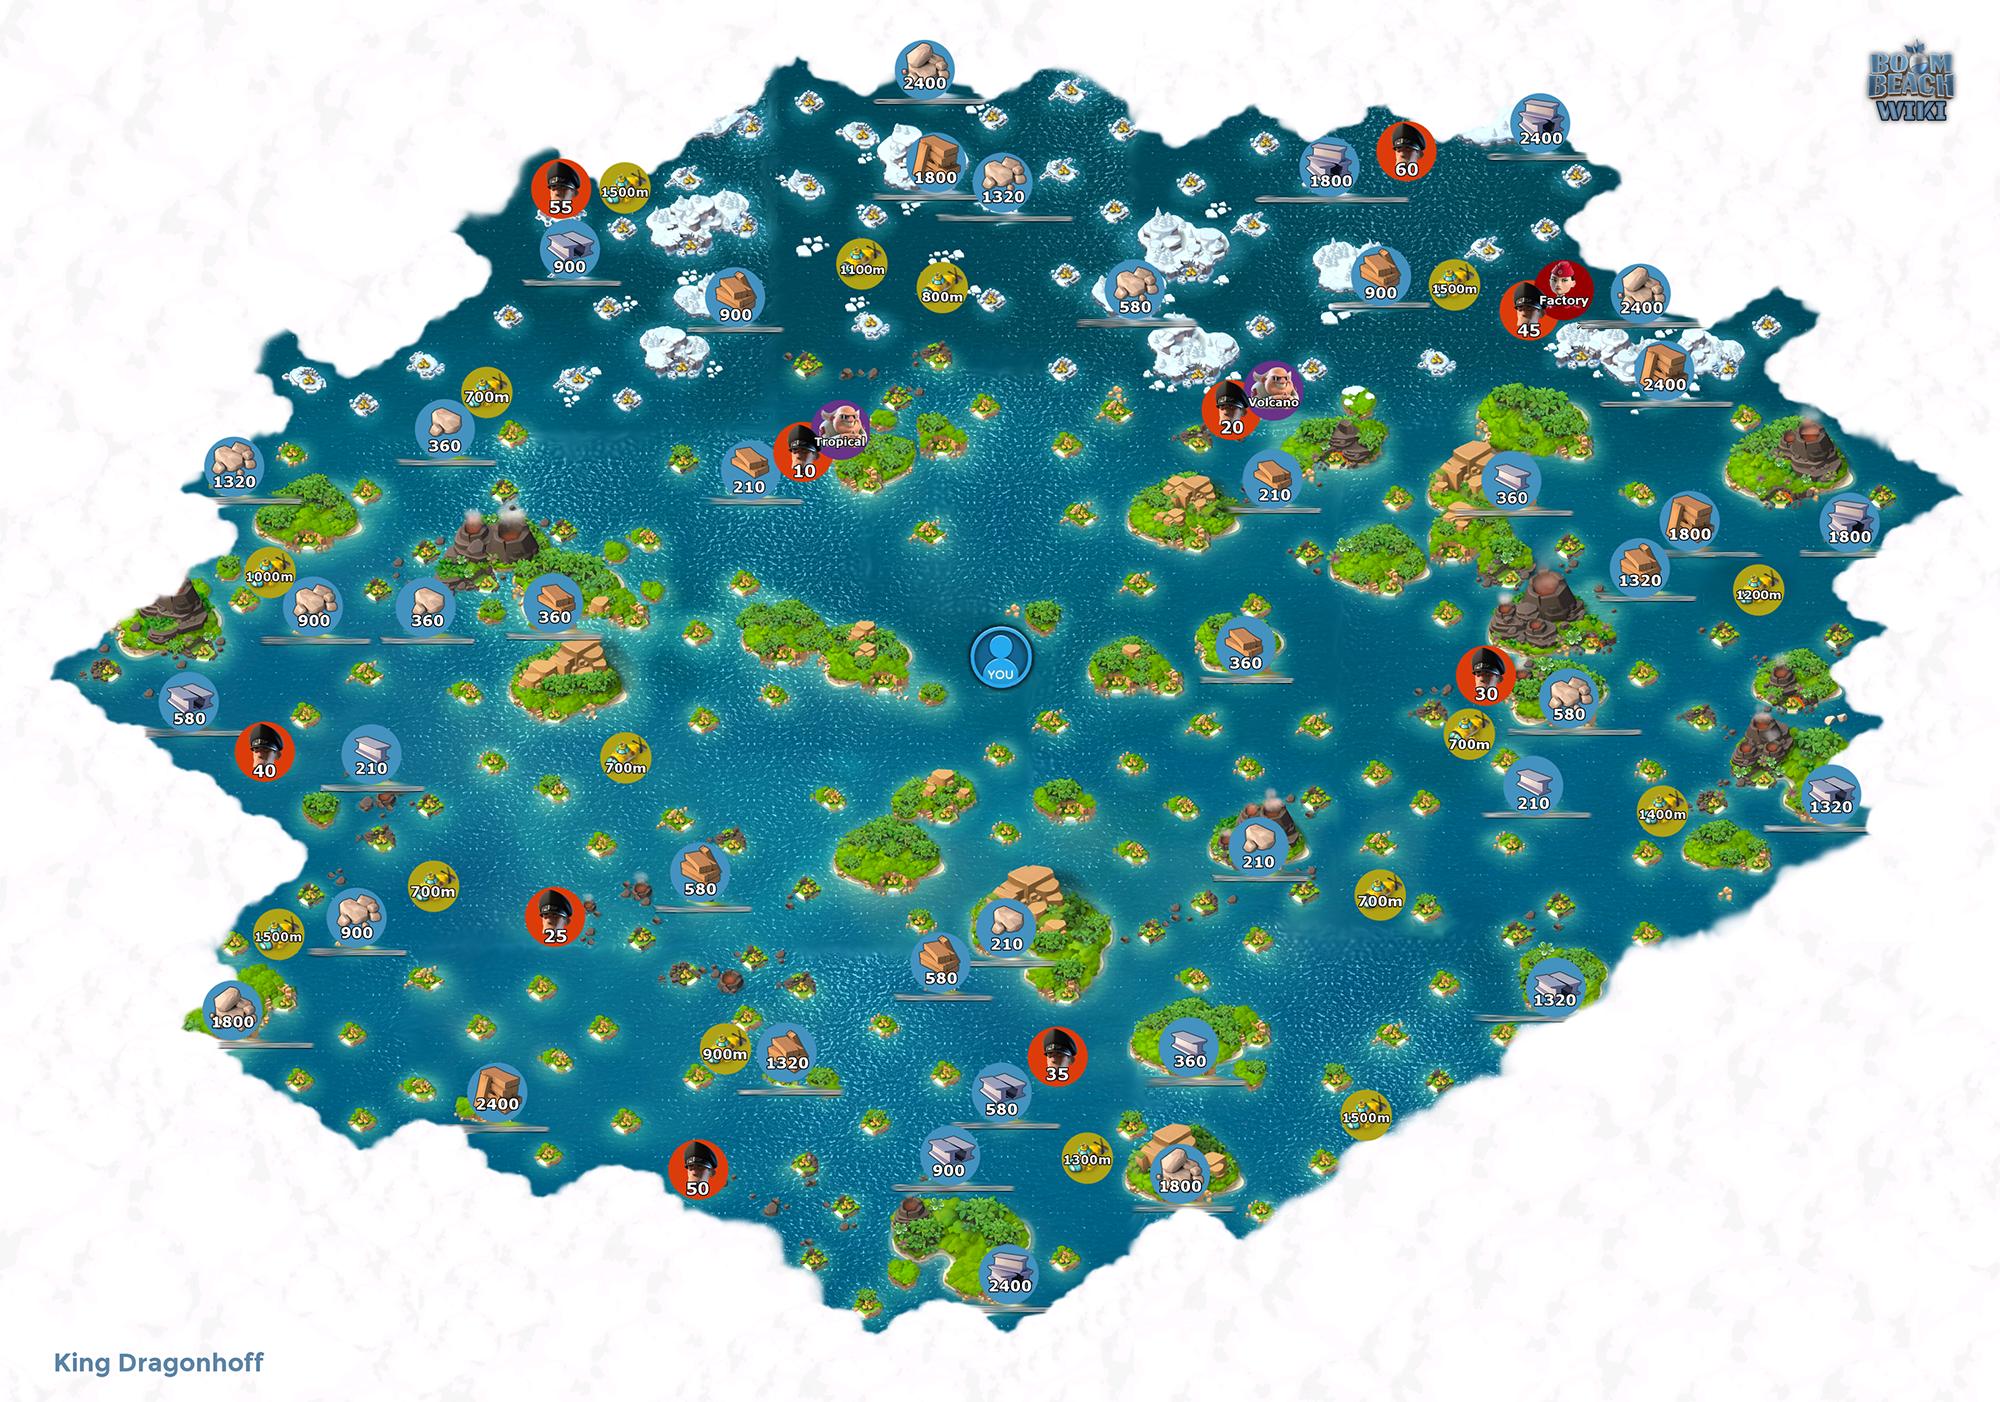 海岛奇兵大地图,标记潜水点深度,资源岛产量,boss分布